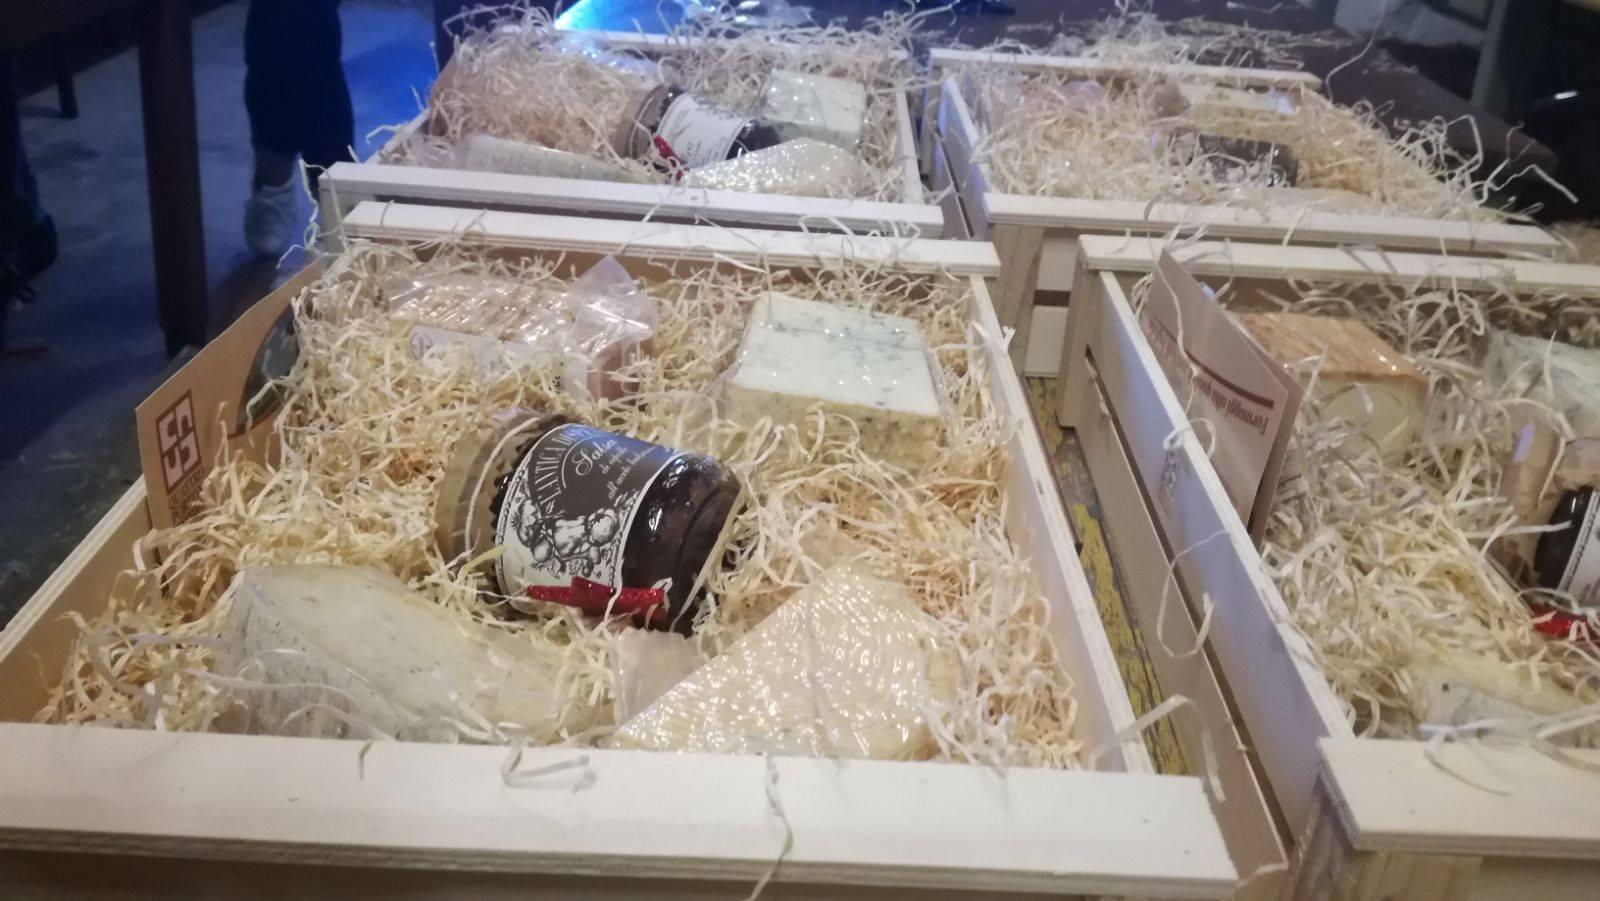 Quattro portoni cologno al serio negozi bergamo for Negozi arredamento bergamo e provincia